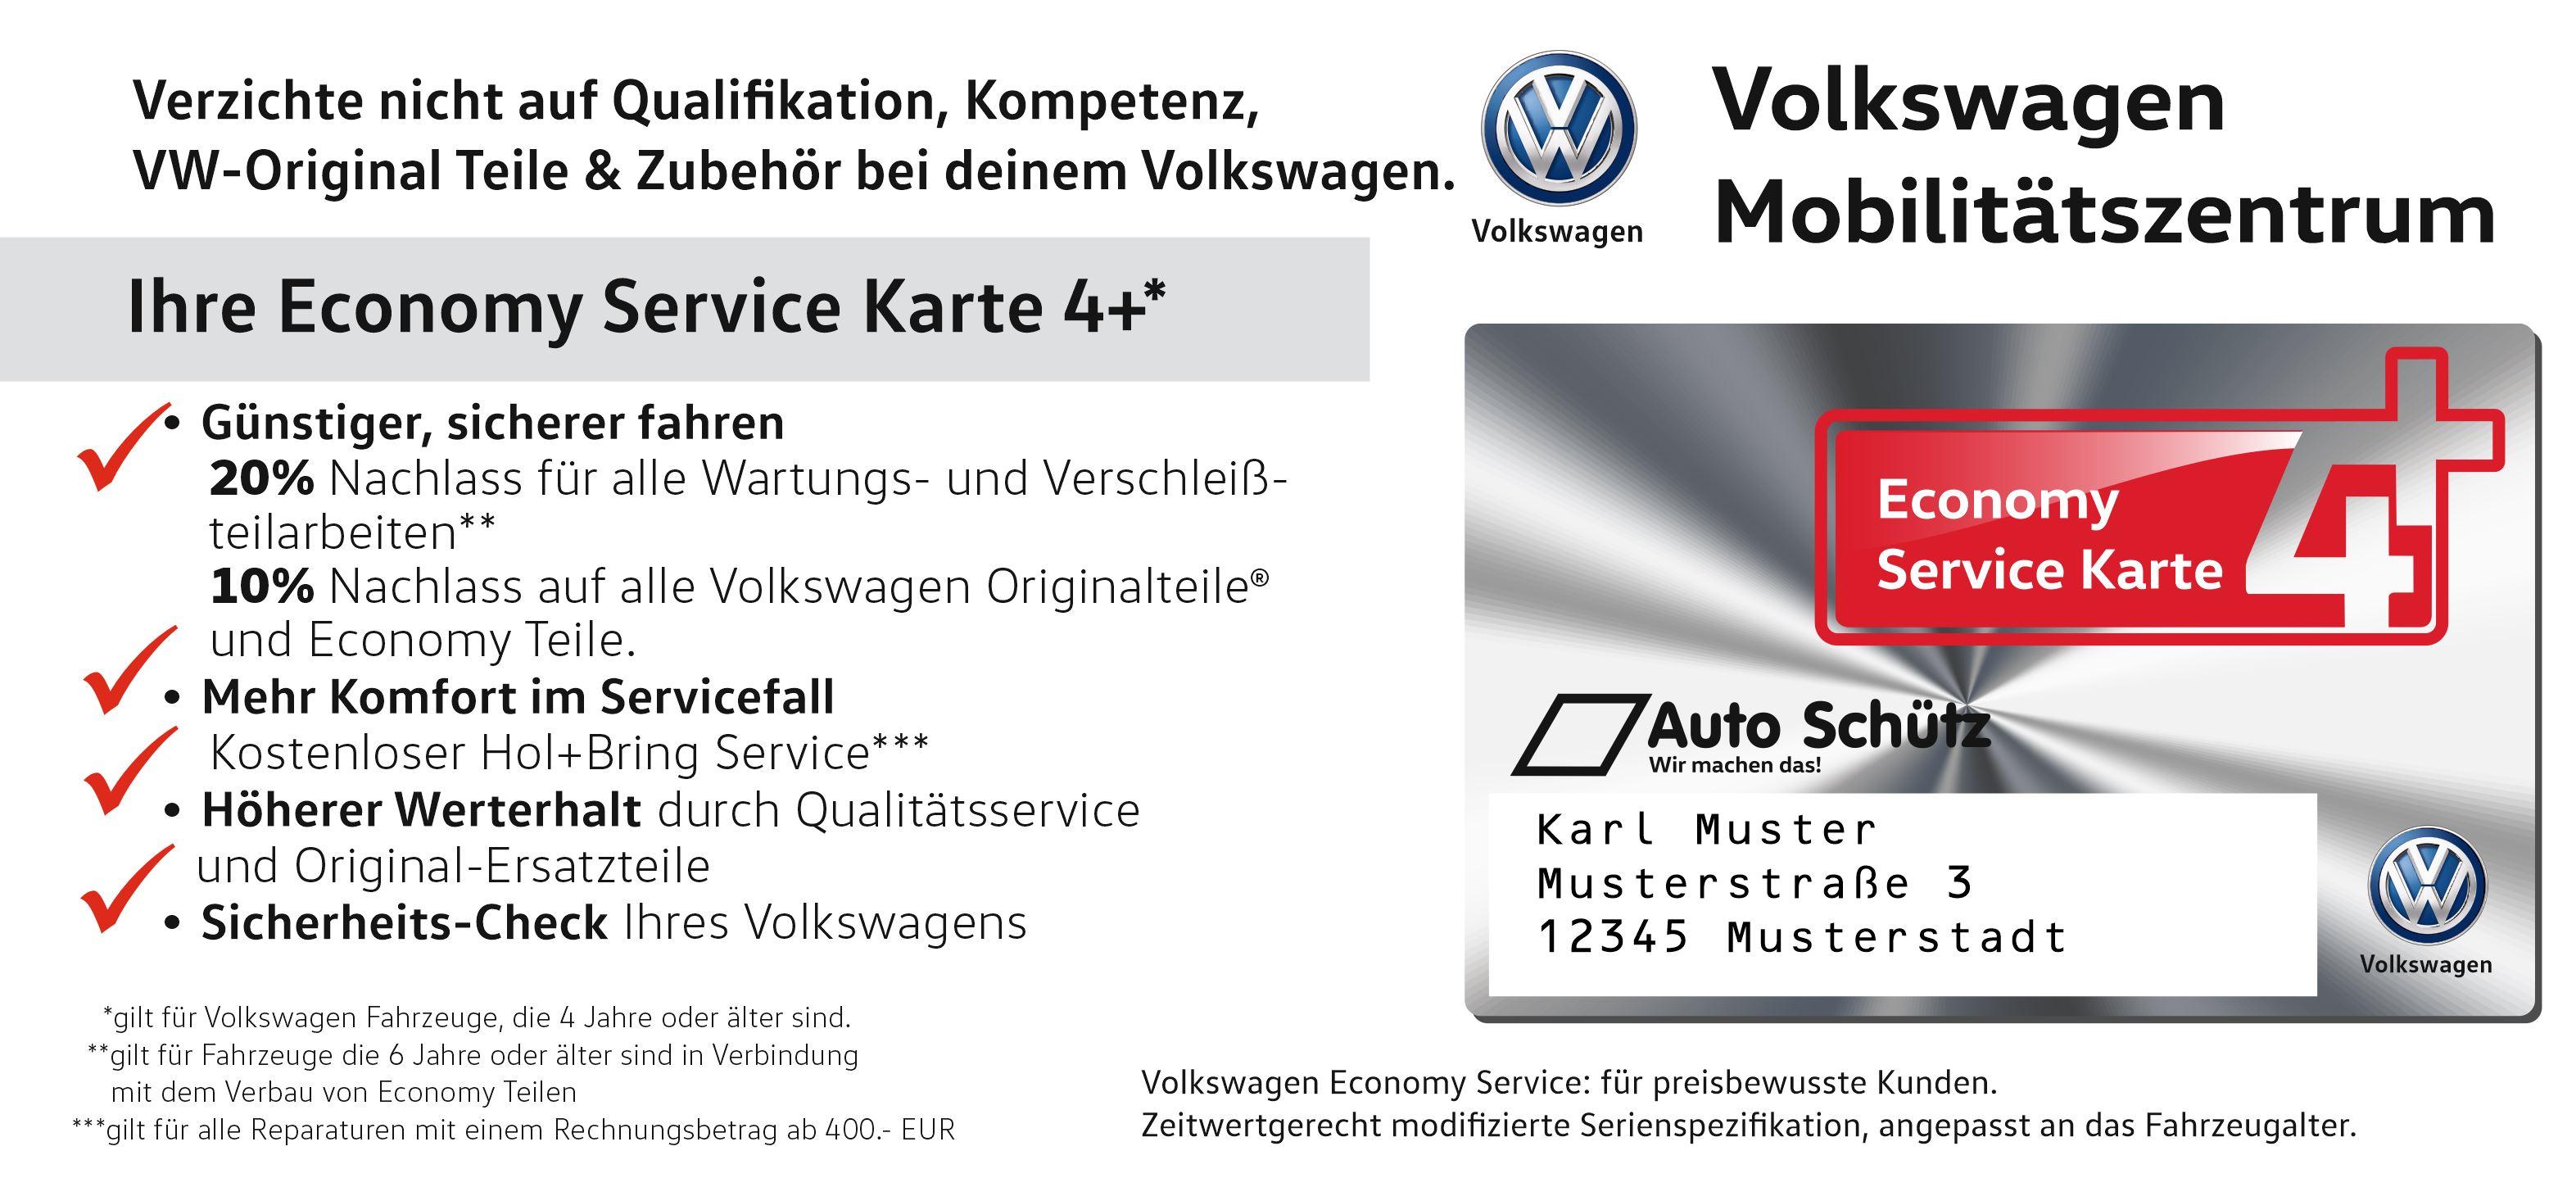 4Plus - VW Auto Schütz - Mobilität der Zukunft